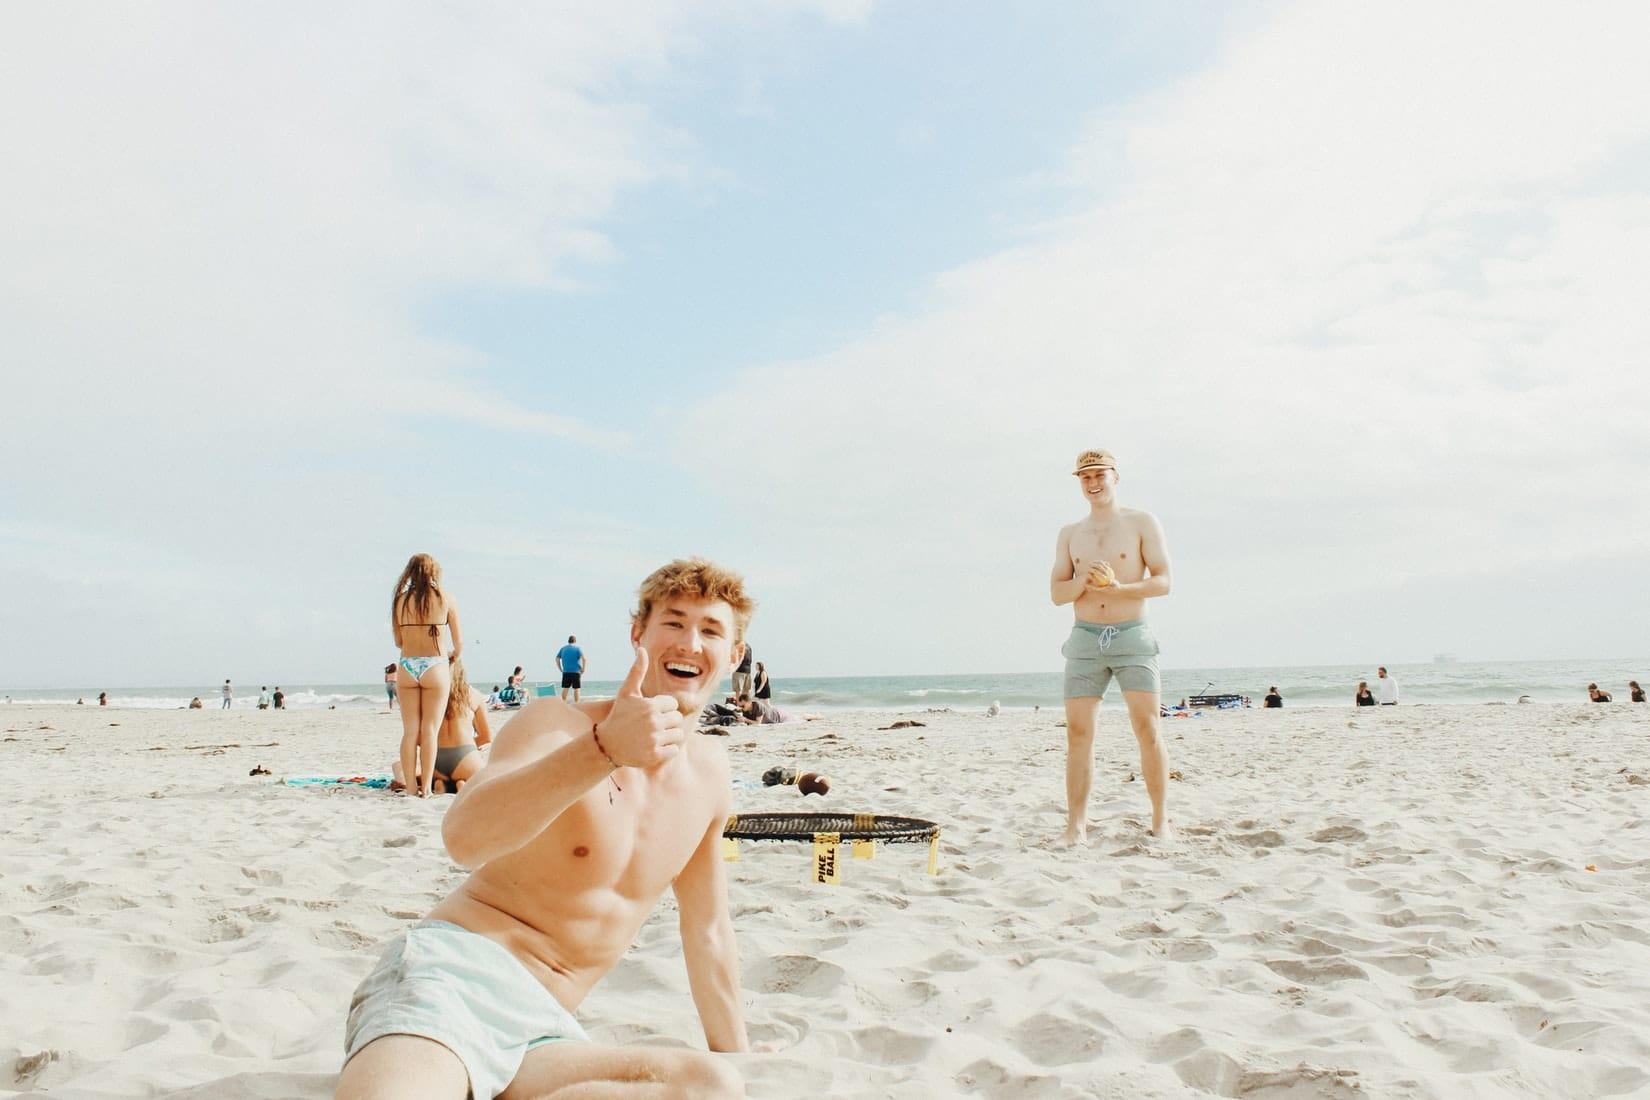 Amis a la plage jeux